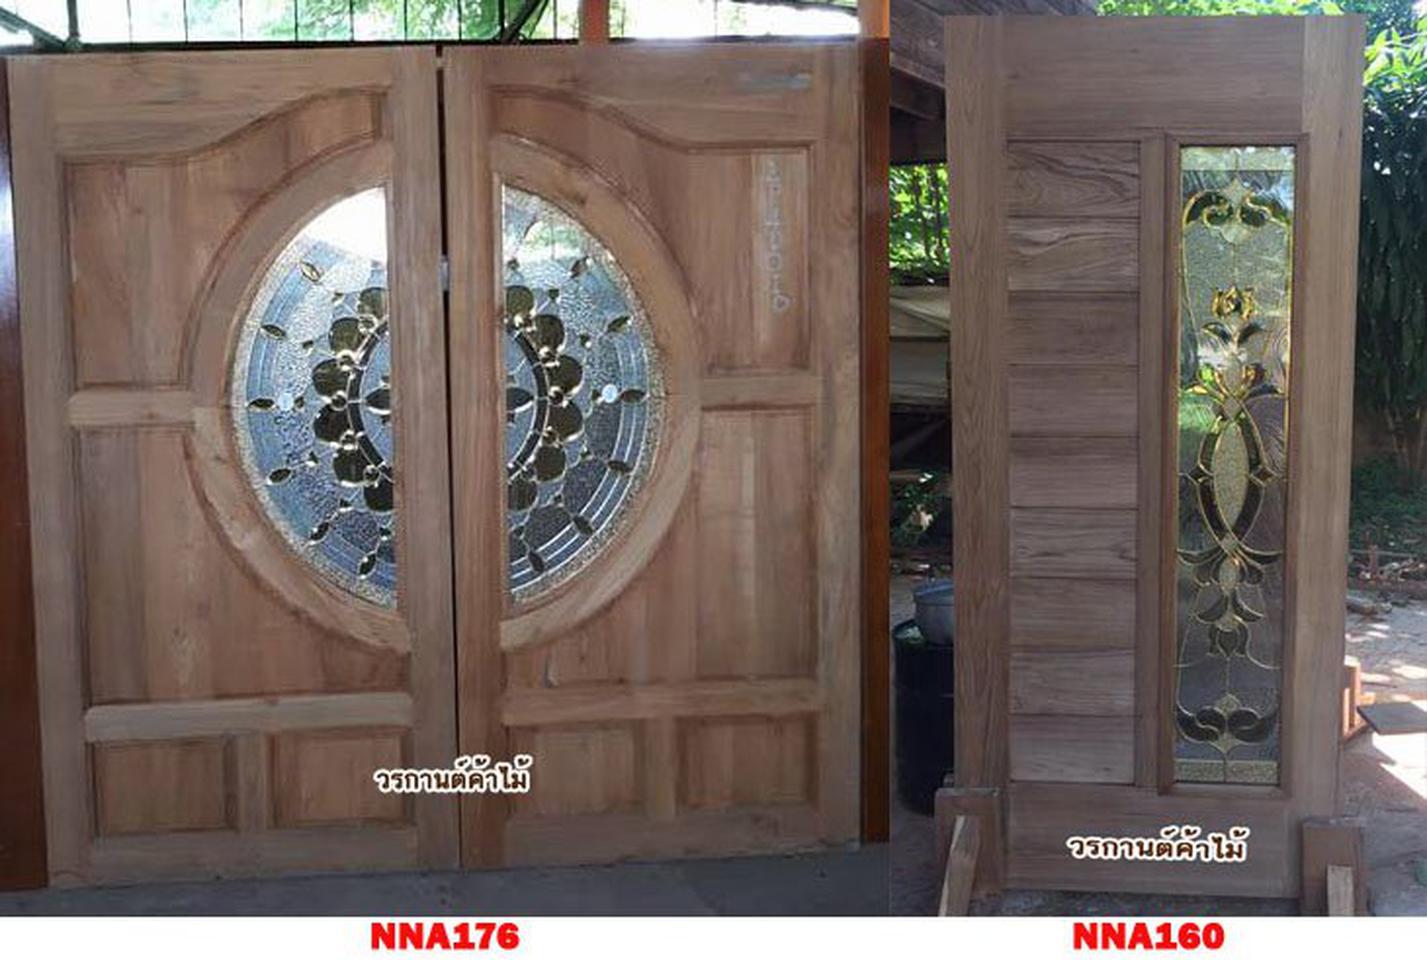 ประตูไม้สัก,ประตูไม้สักกระจกนิรภัย ไม้สักเก่า  ร้านวรกานต์ค้าไม้ door-woodhome.com รูปที่ 4